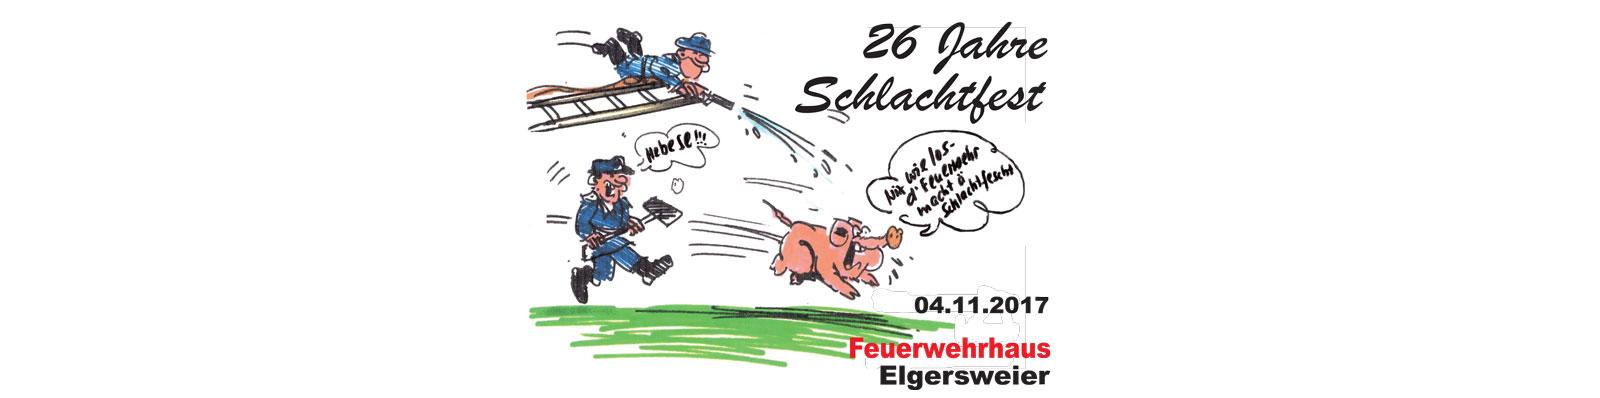 Schlachtfest der Feuerwehr in Elgersweier am 4.11.201